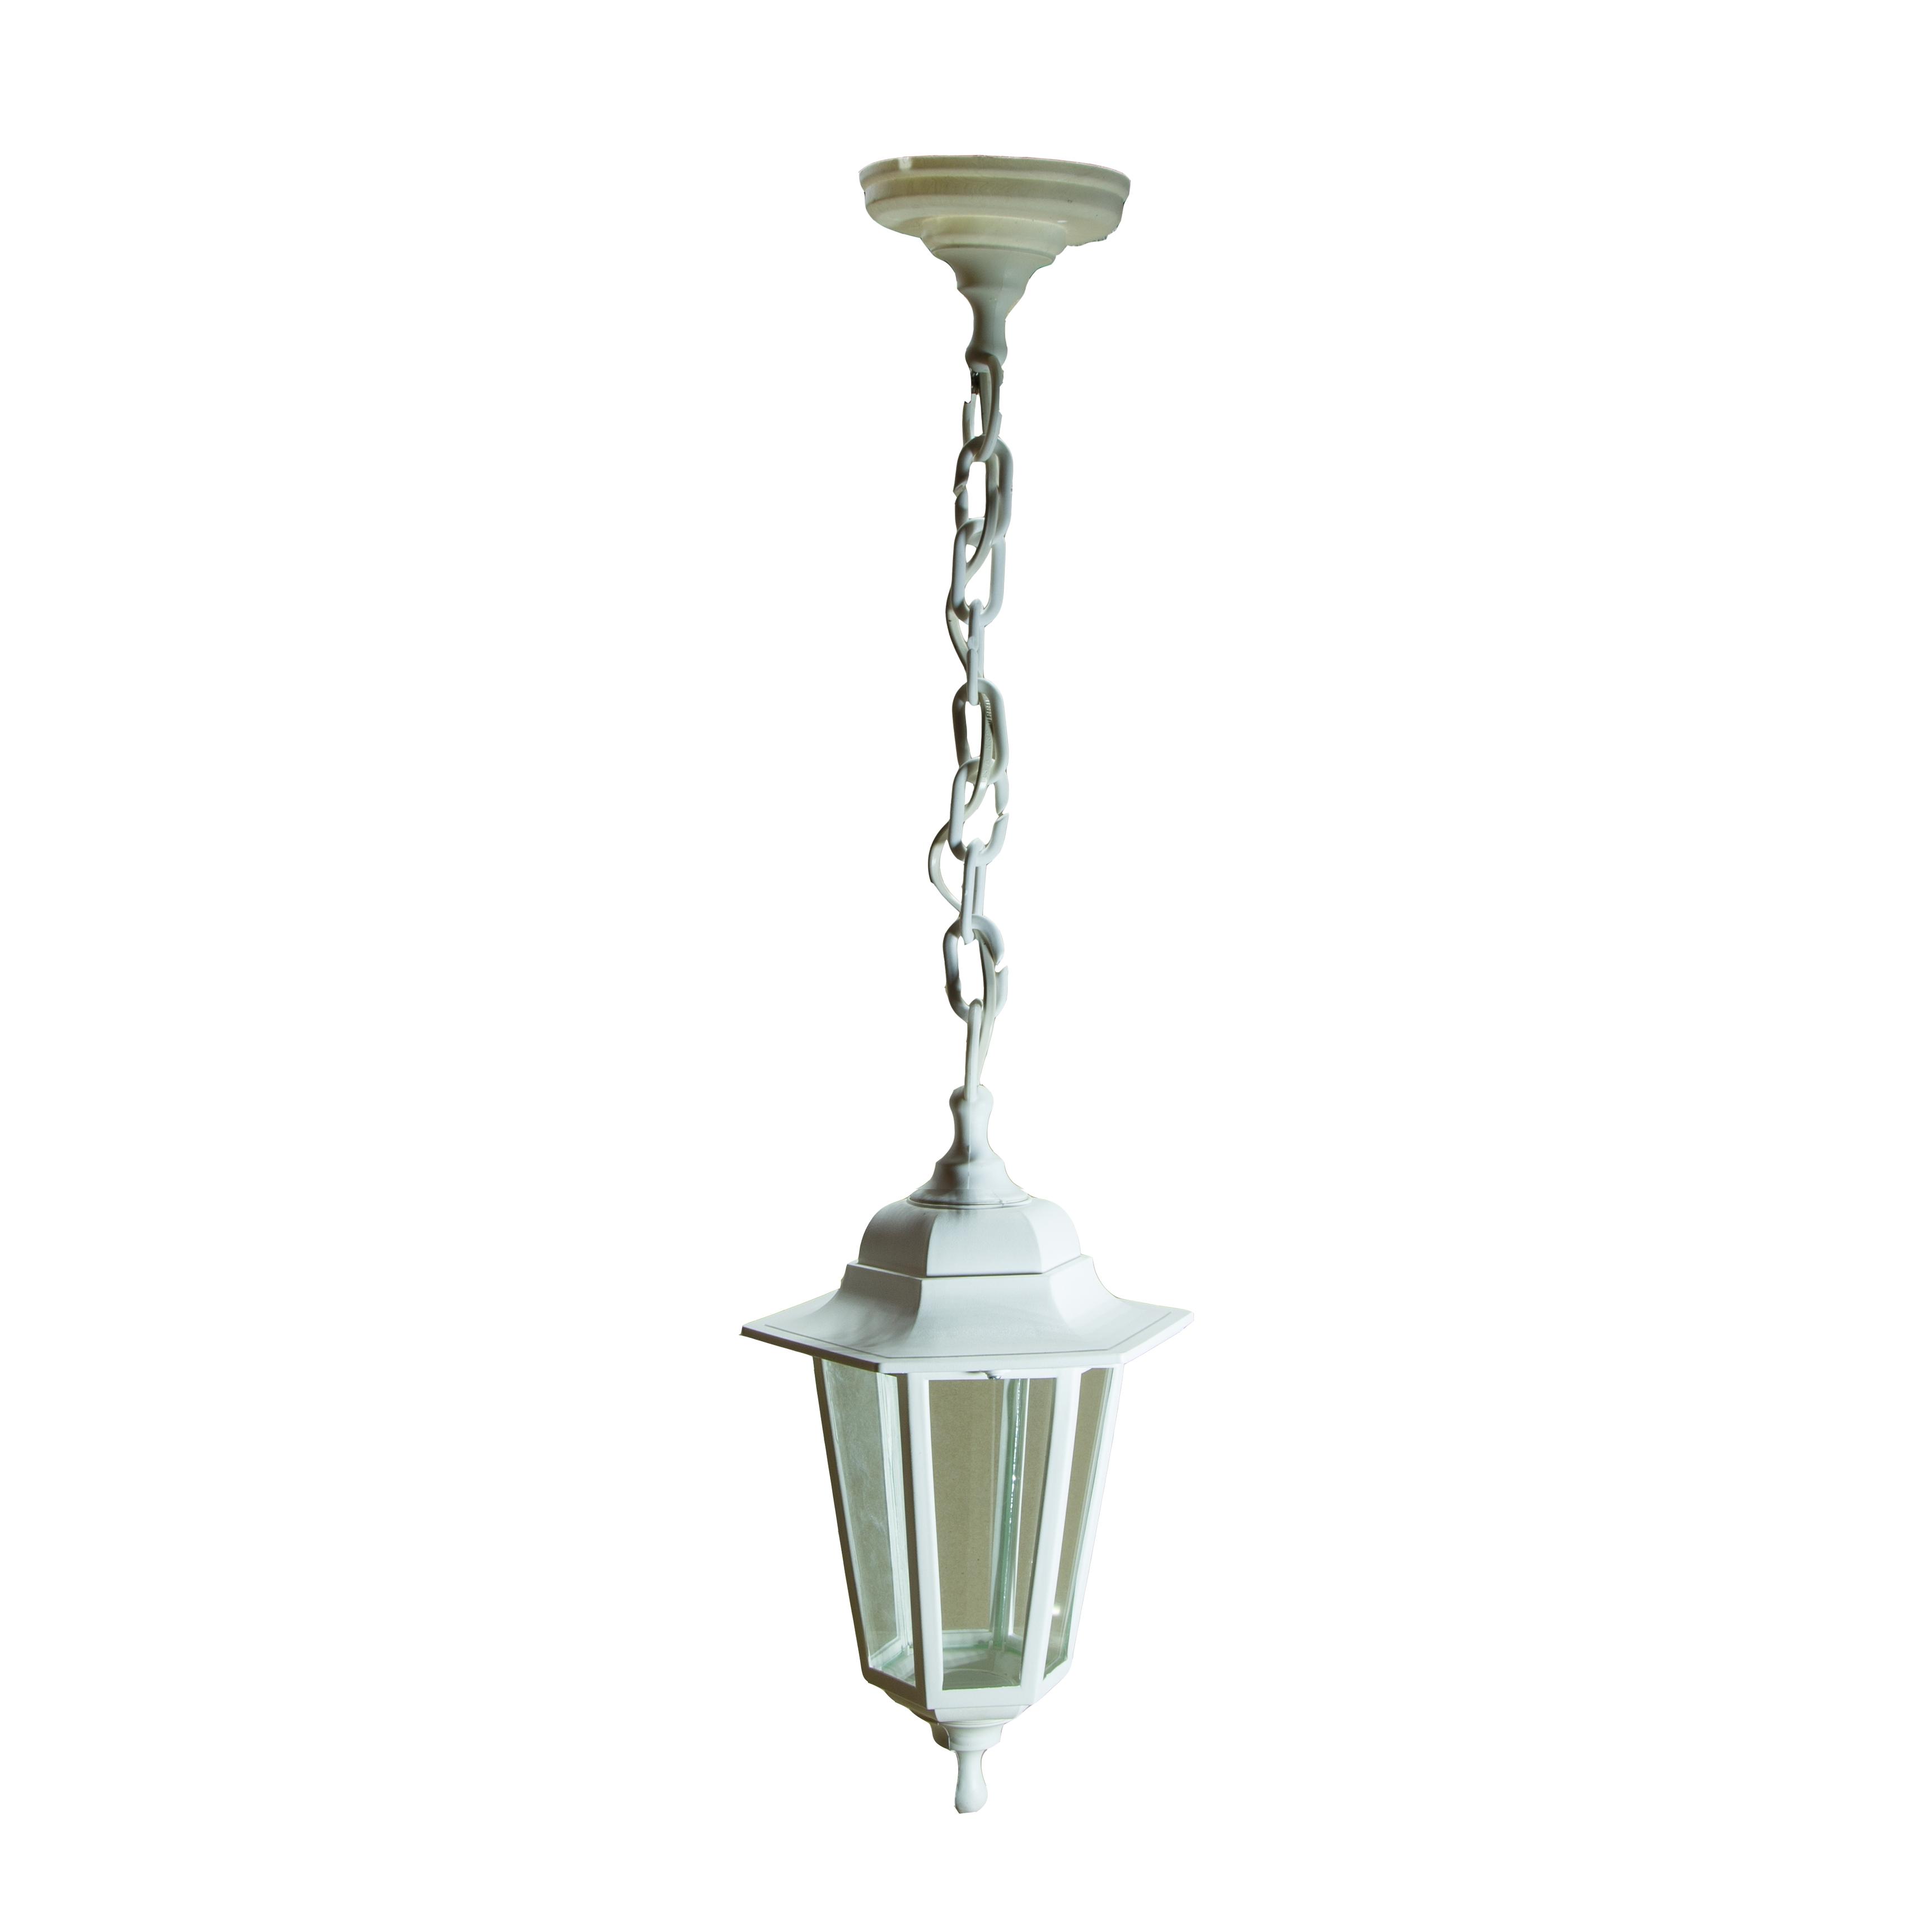 Светильник садово-парковый ЭРА НБУ 06-60-001 Адель1 подвесной шестигранный белый